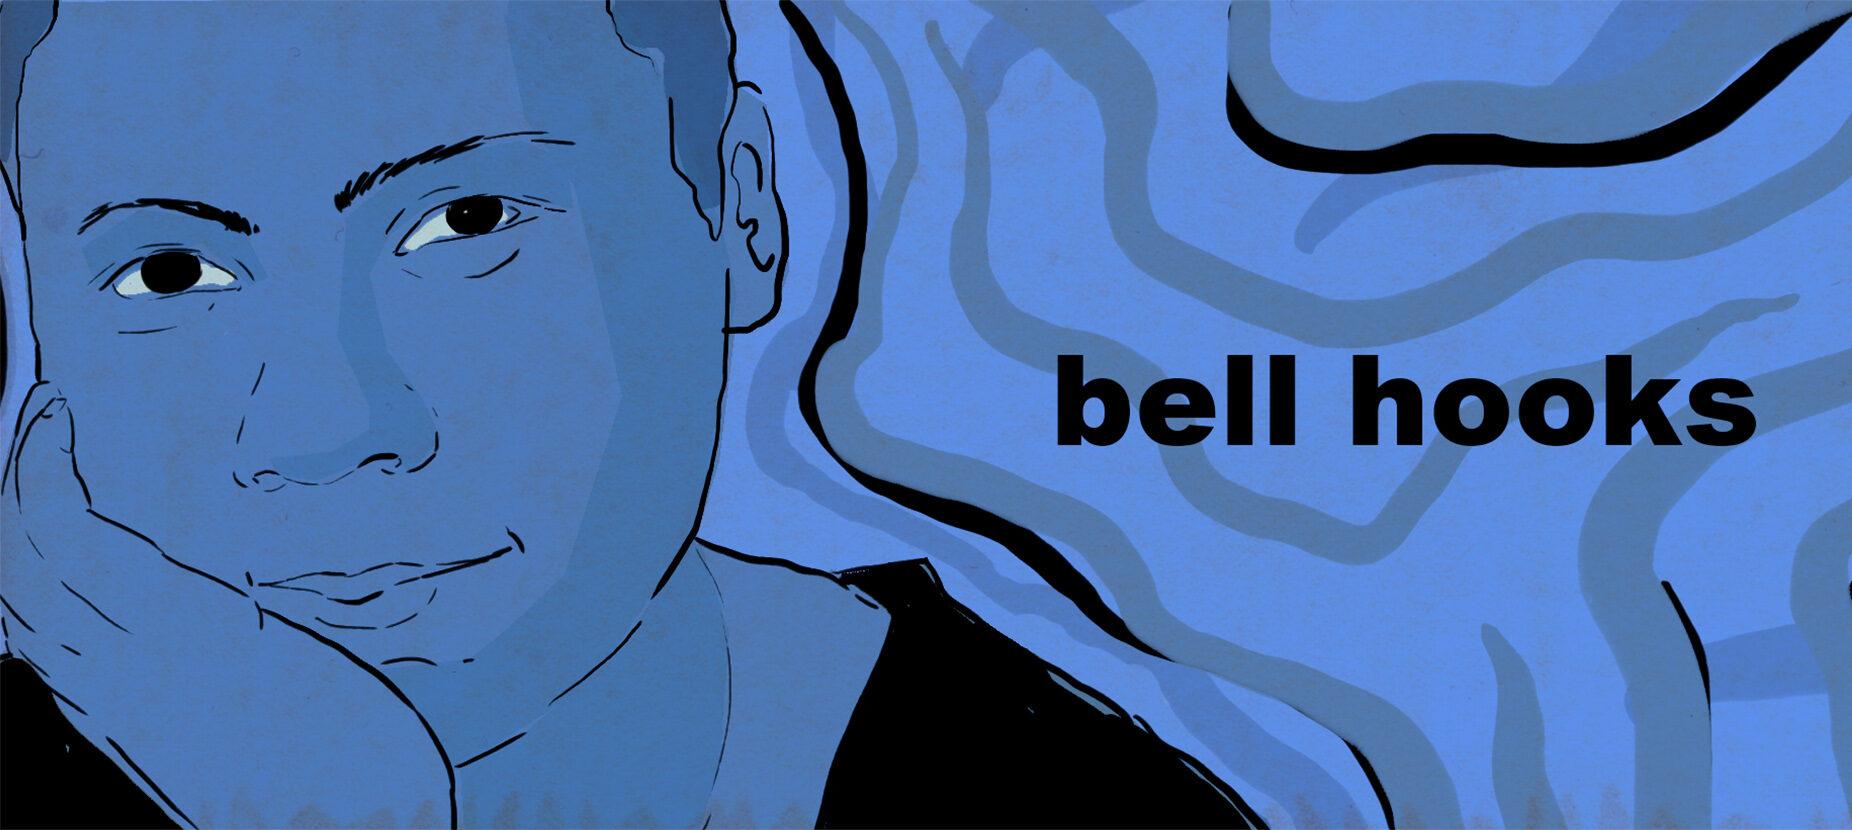 Ilustração em azul de uma mulher negra, que olha para frente. Ao lado, o título: bell hooks.